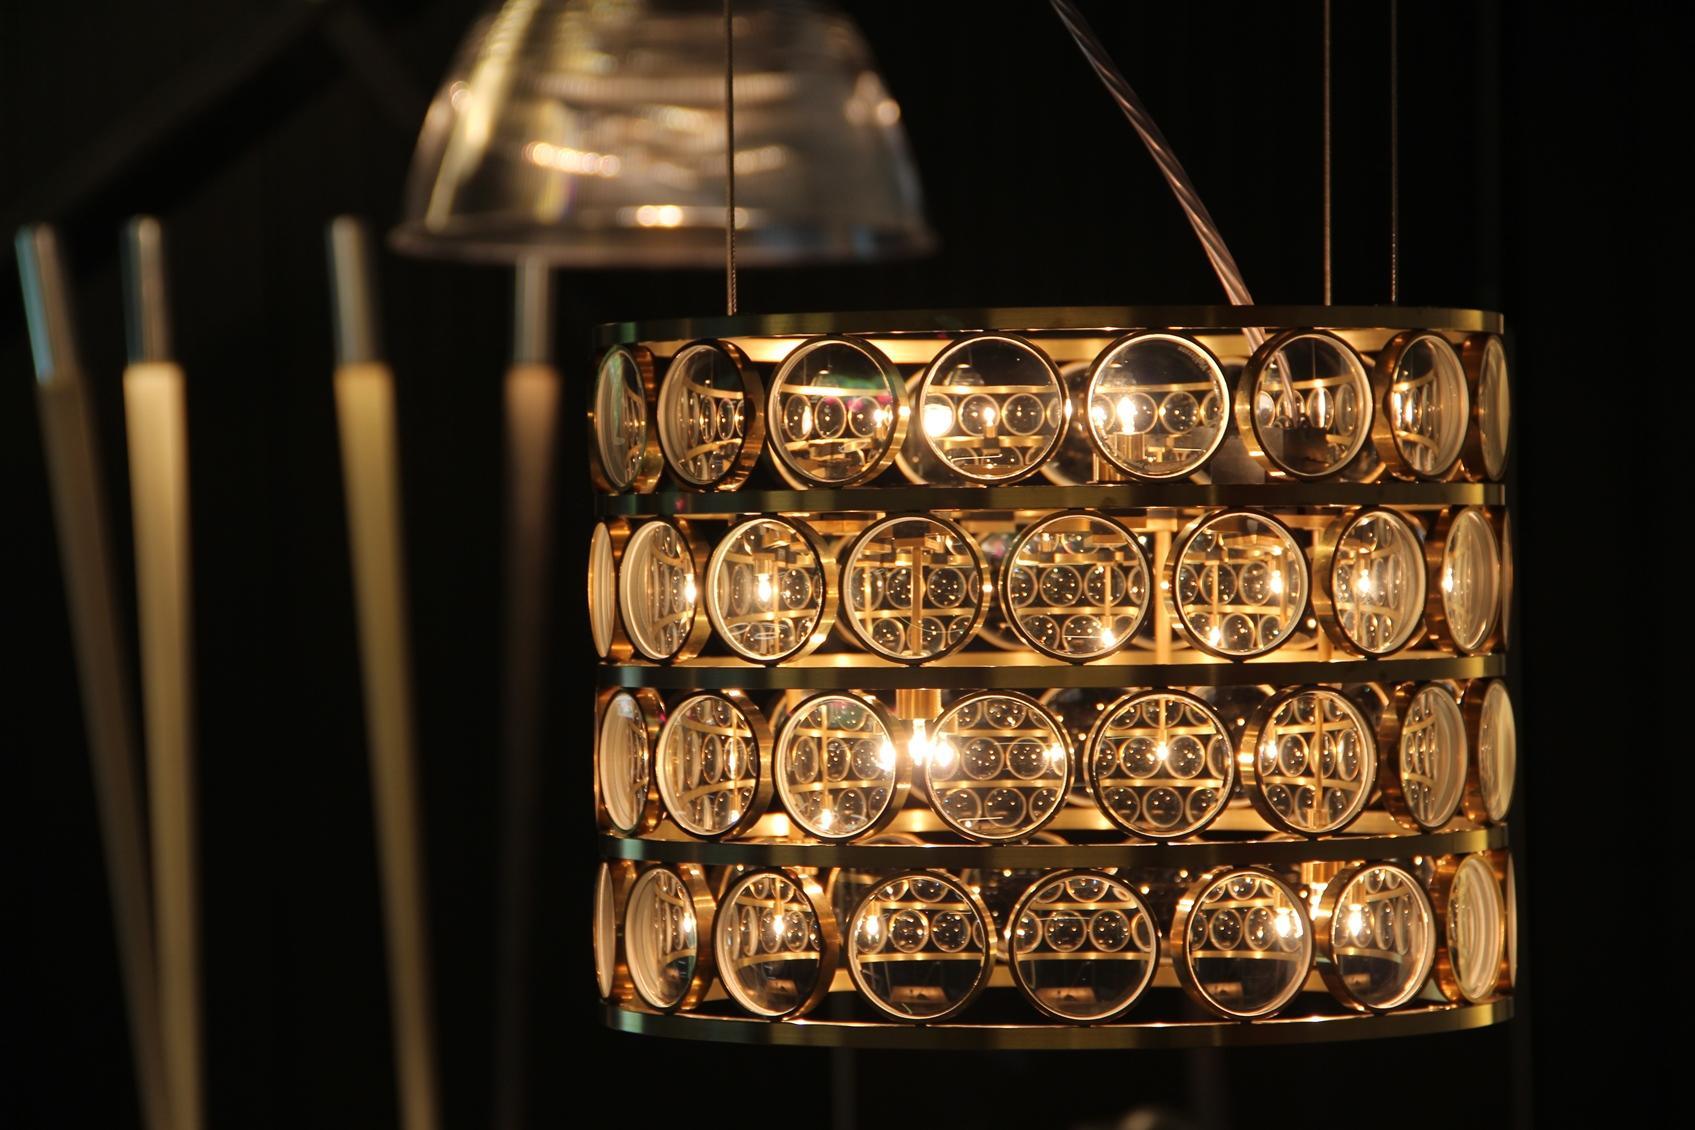 Viabizzuno alvaline hanglamp 'da ma ' in de toonzaal van Lichthuis Mol